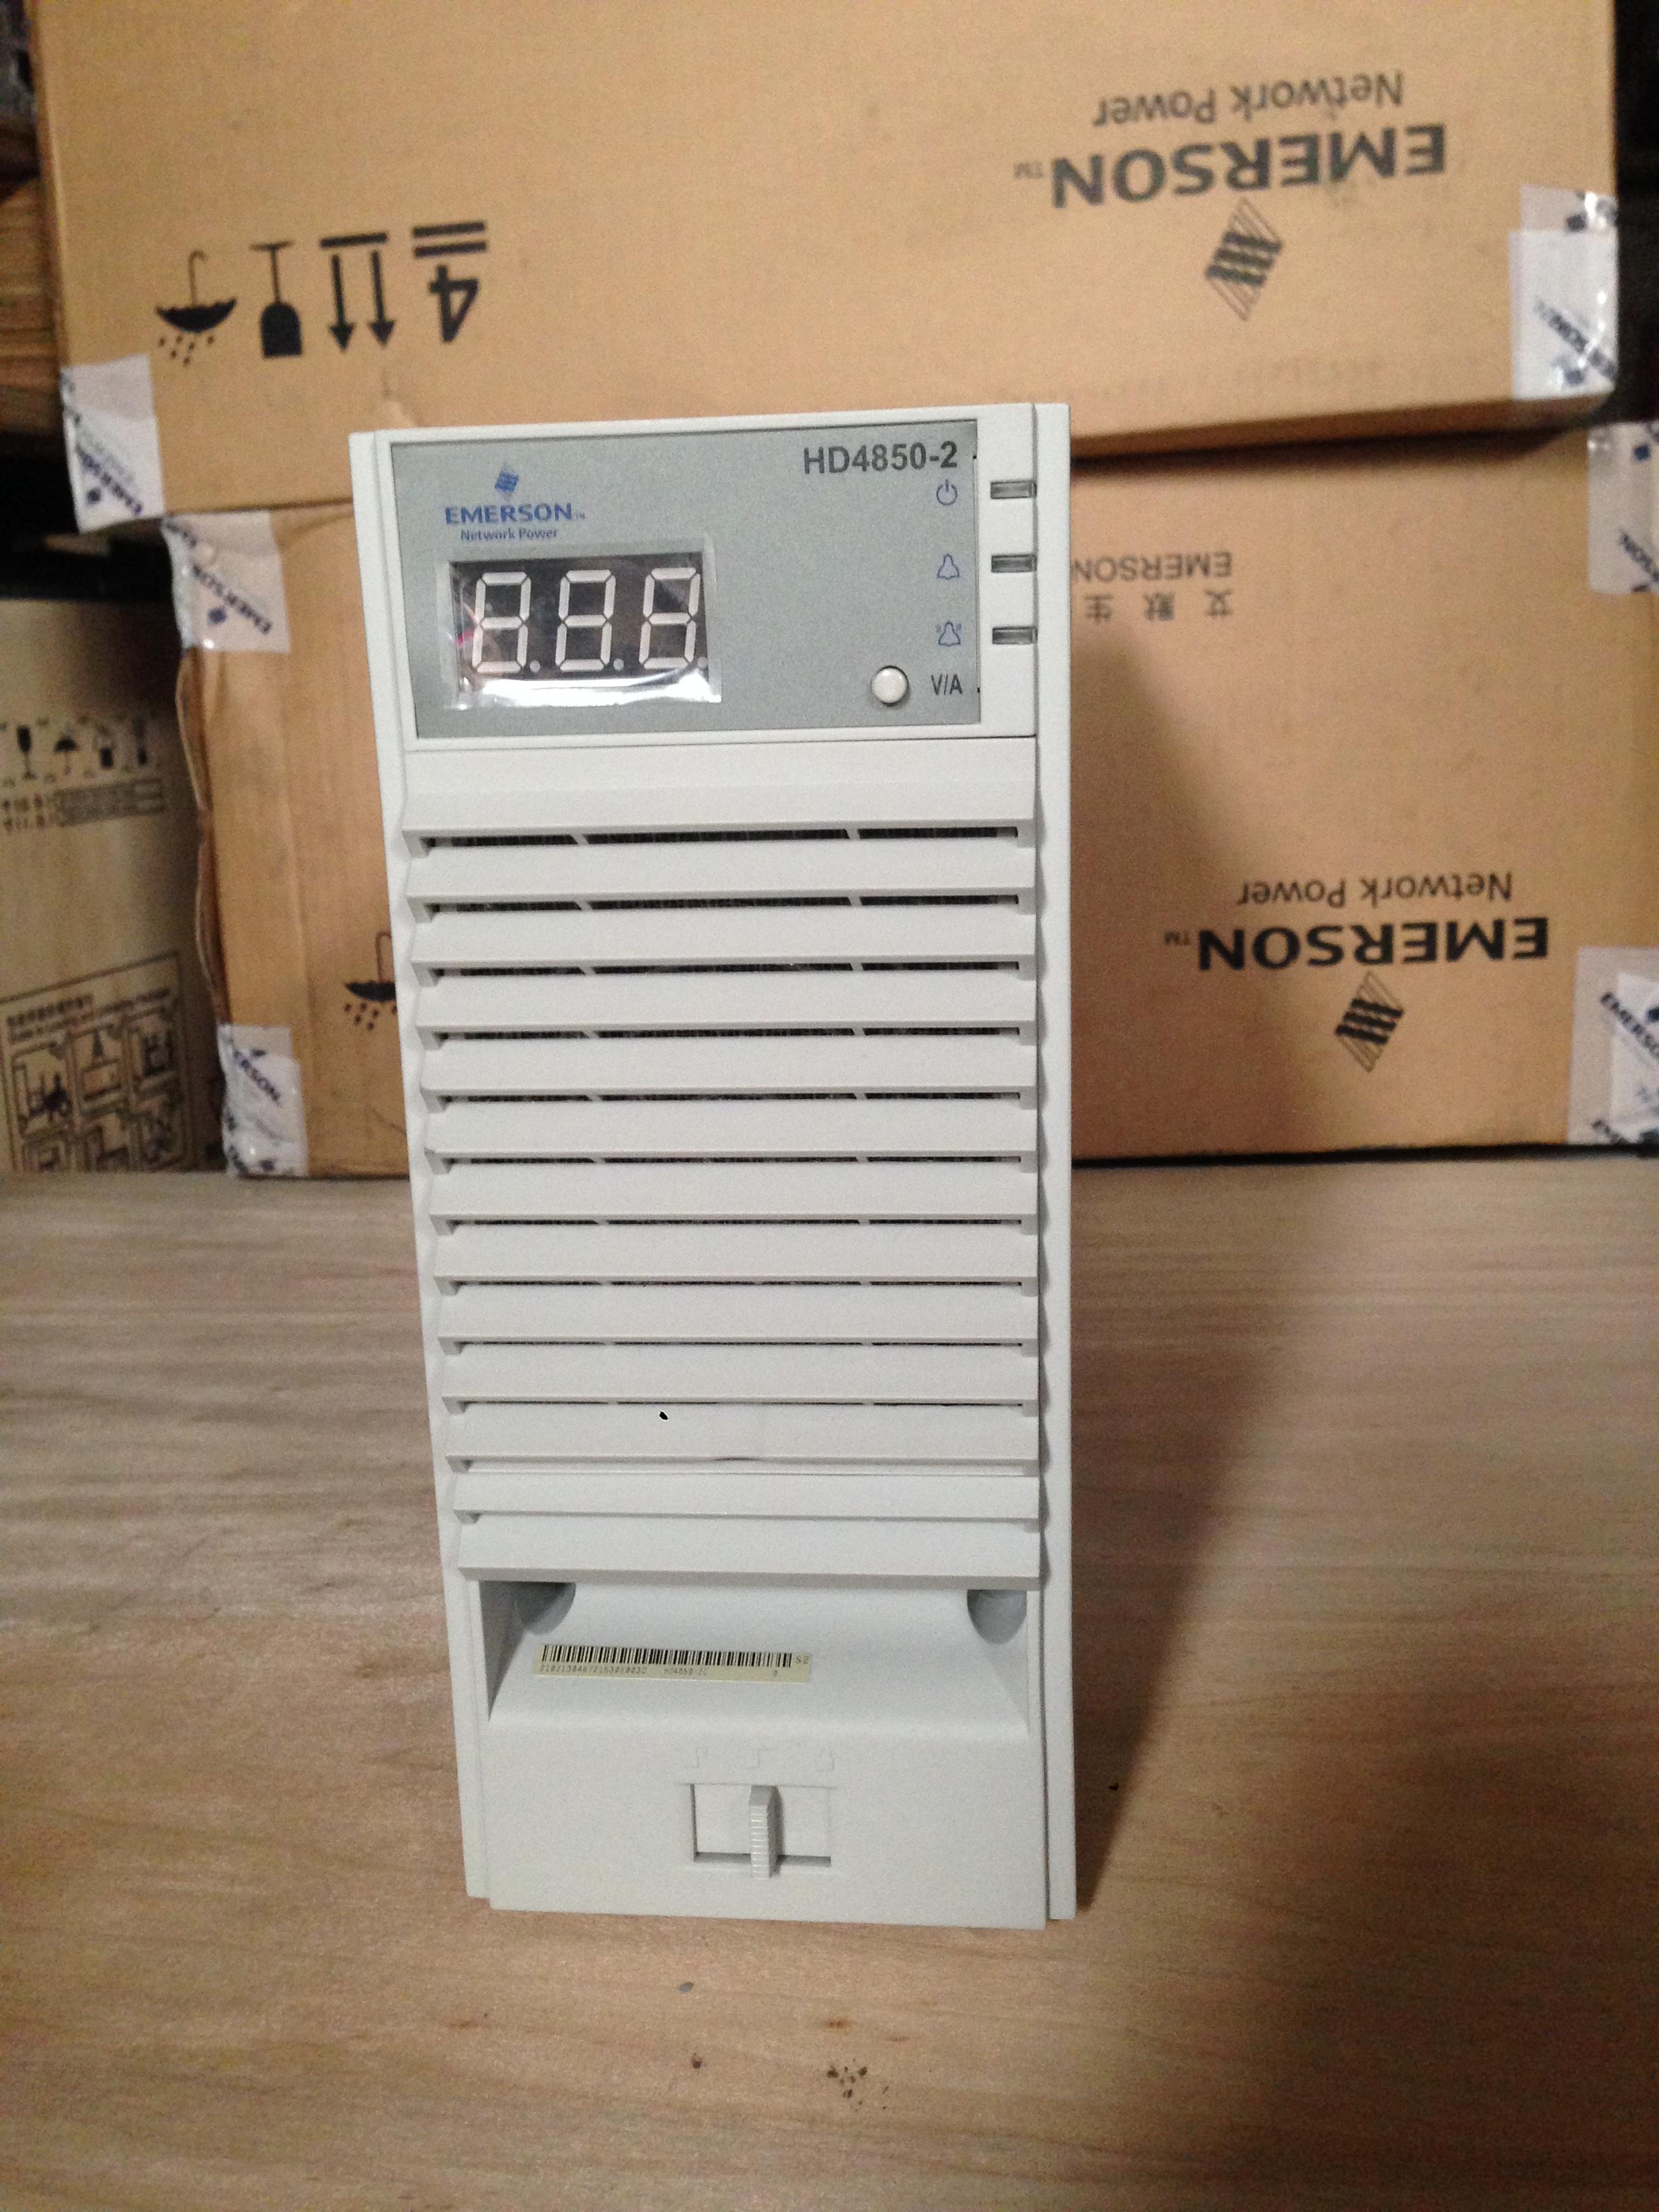 O novo pacote de EMERSON/ Emerson HD4850-2 módulo Fonte de alimentação original EM Estoque